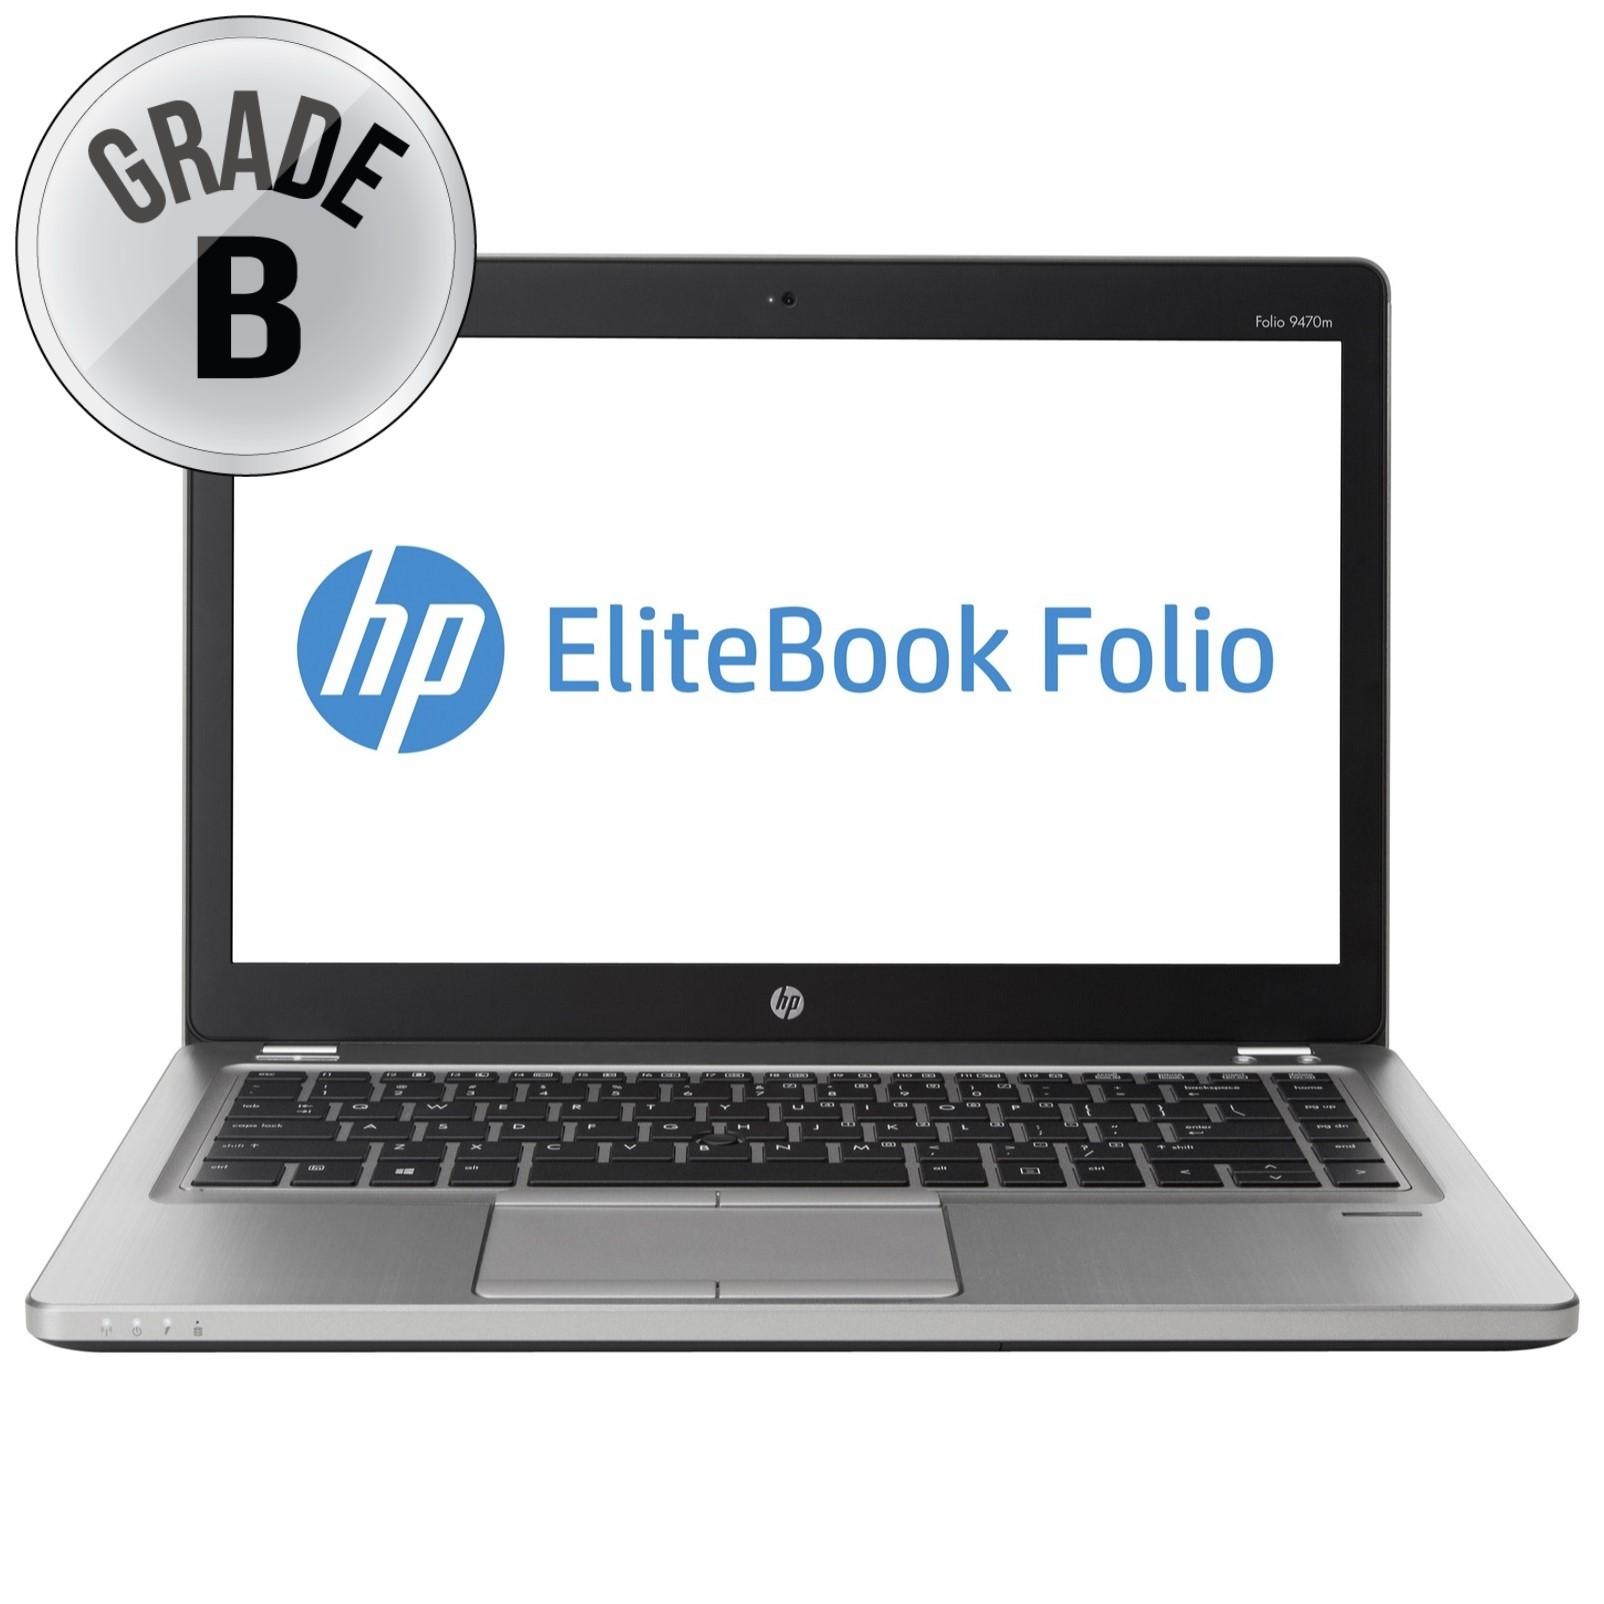 hp elitebook folio 9470m manual